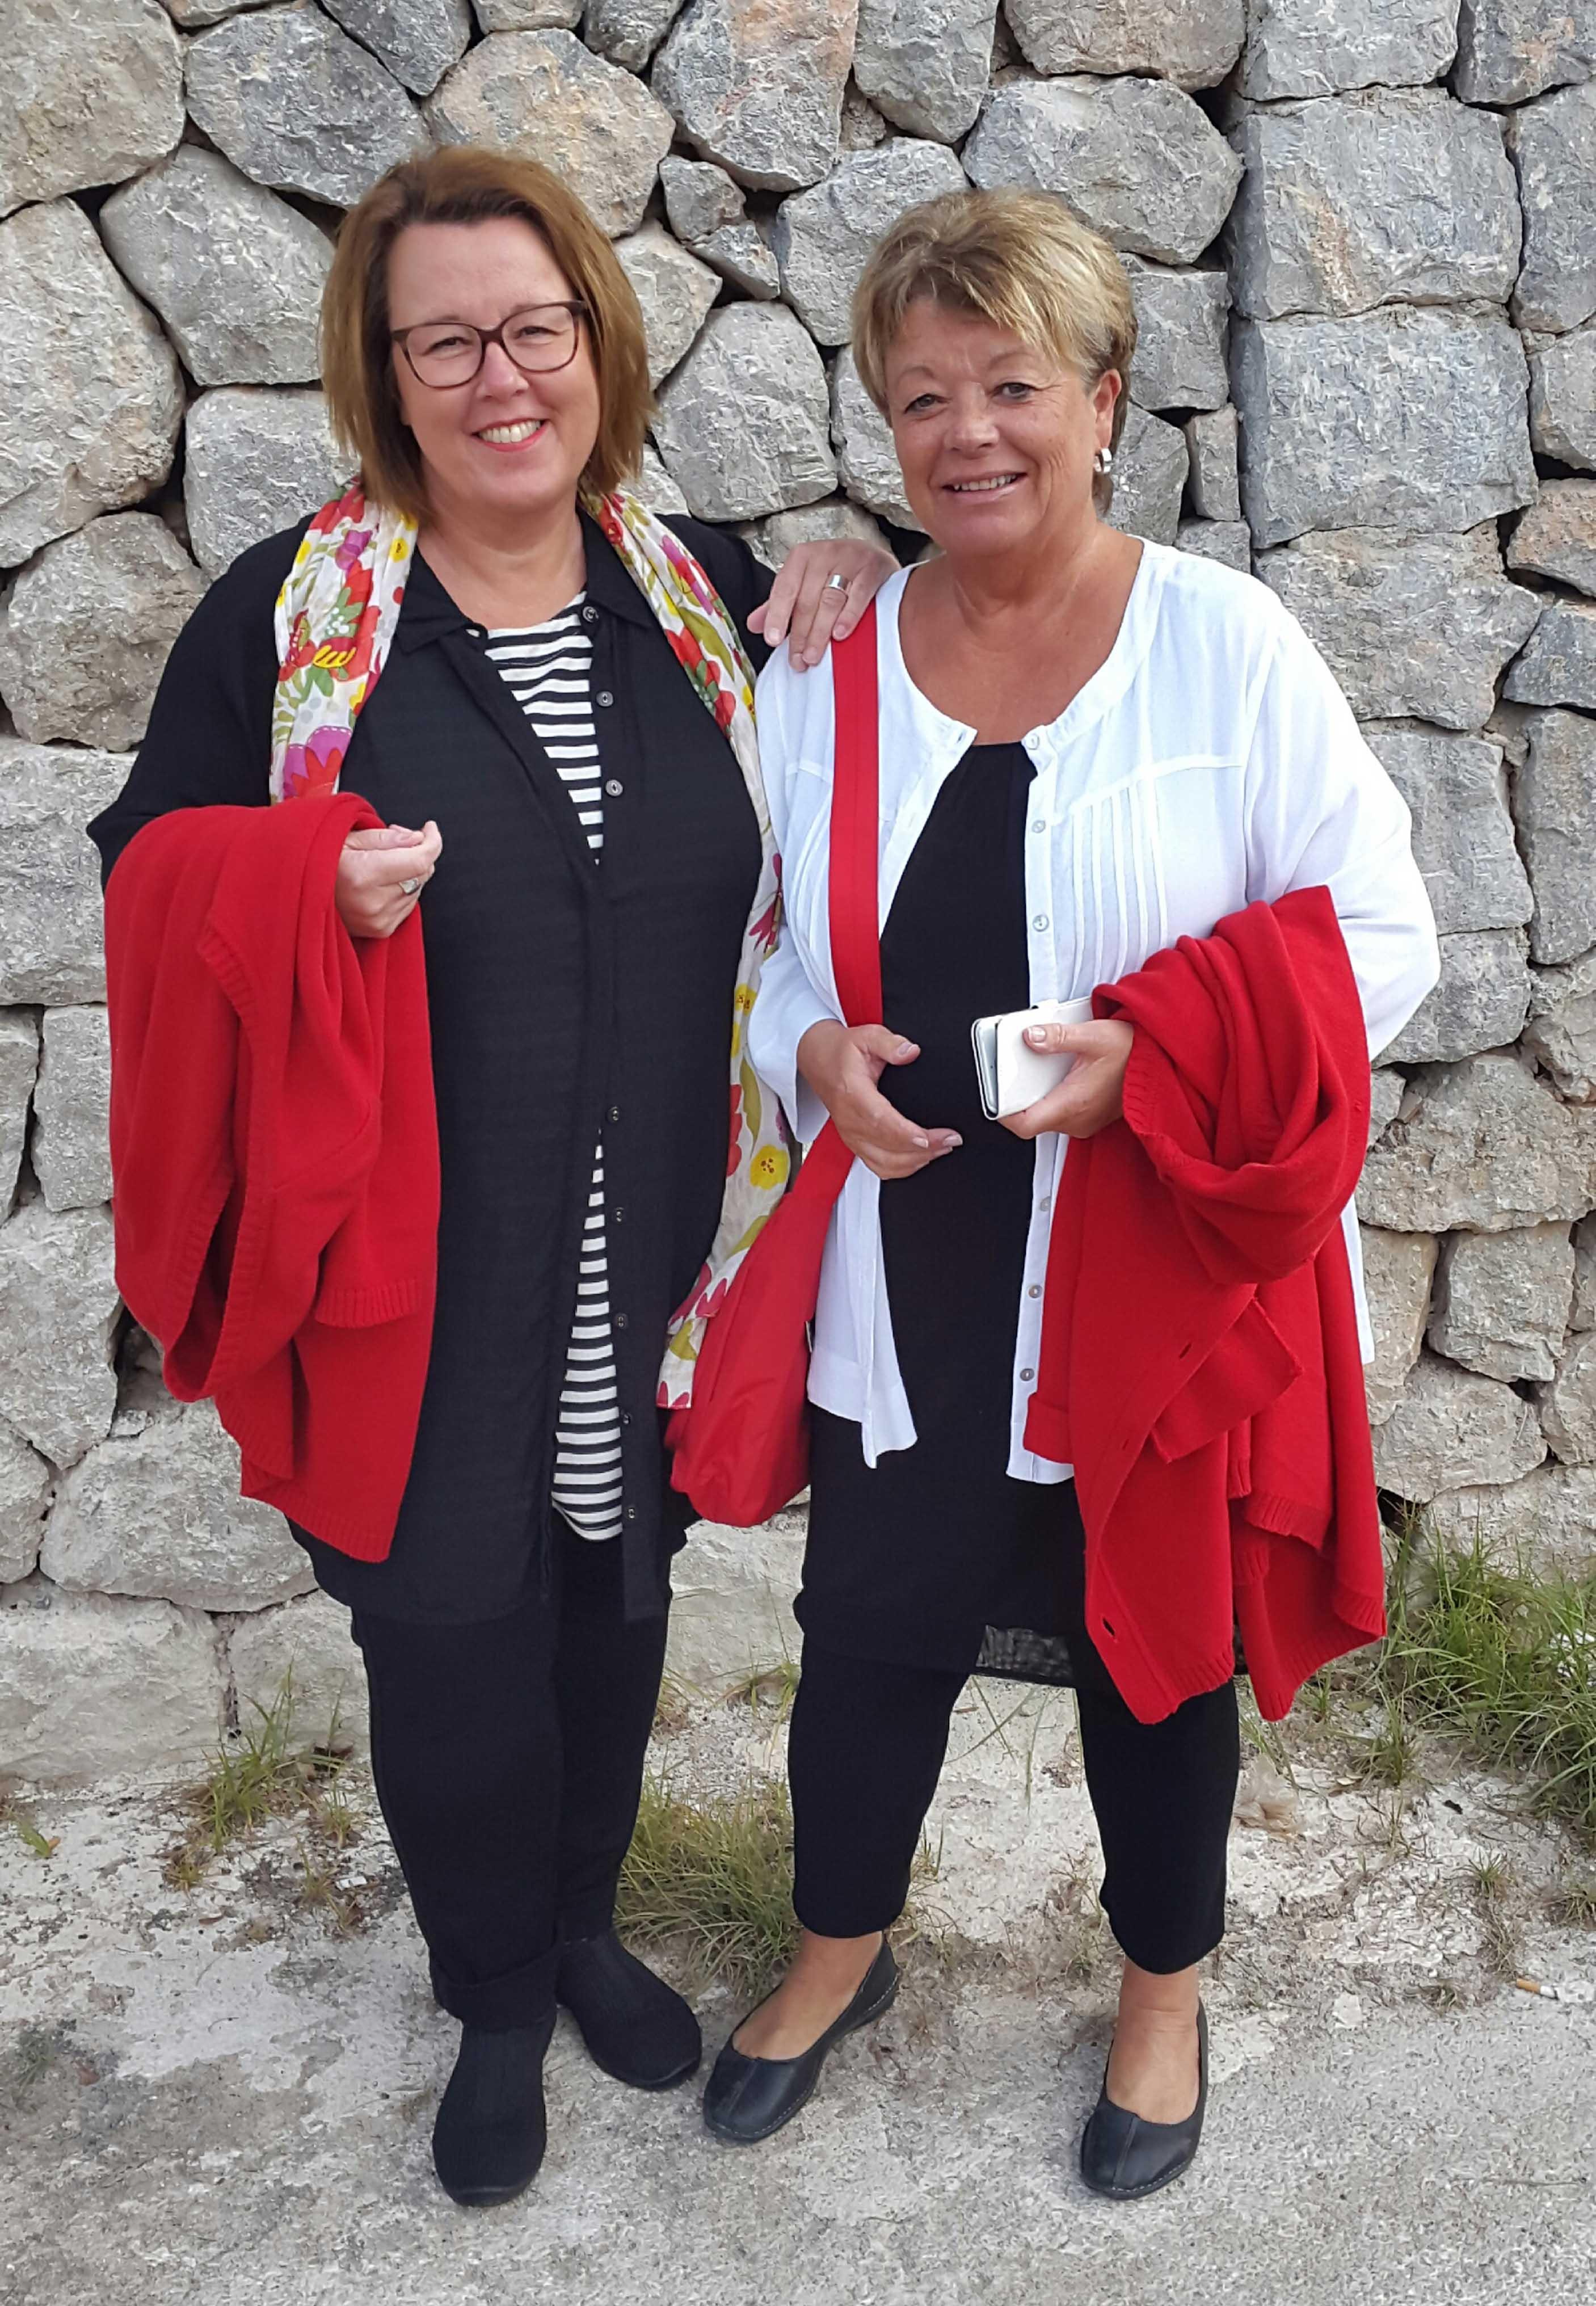 """Cecilia med väninna på """"vintersemester"""". Ständigt våra röda Karin koftor i beredskap. Cecilia i Paris linne och Elira blus. Majken  i Ella blus. Båda i Petra byxa."""